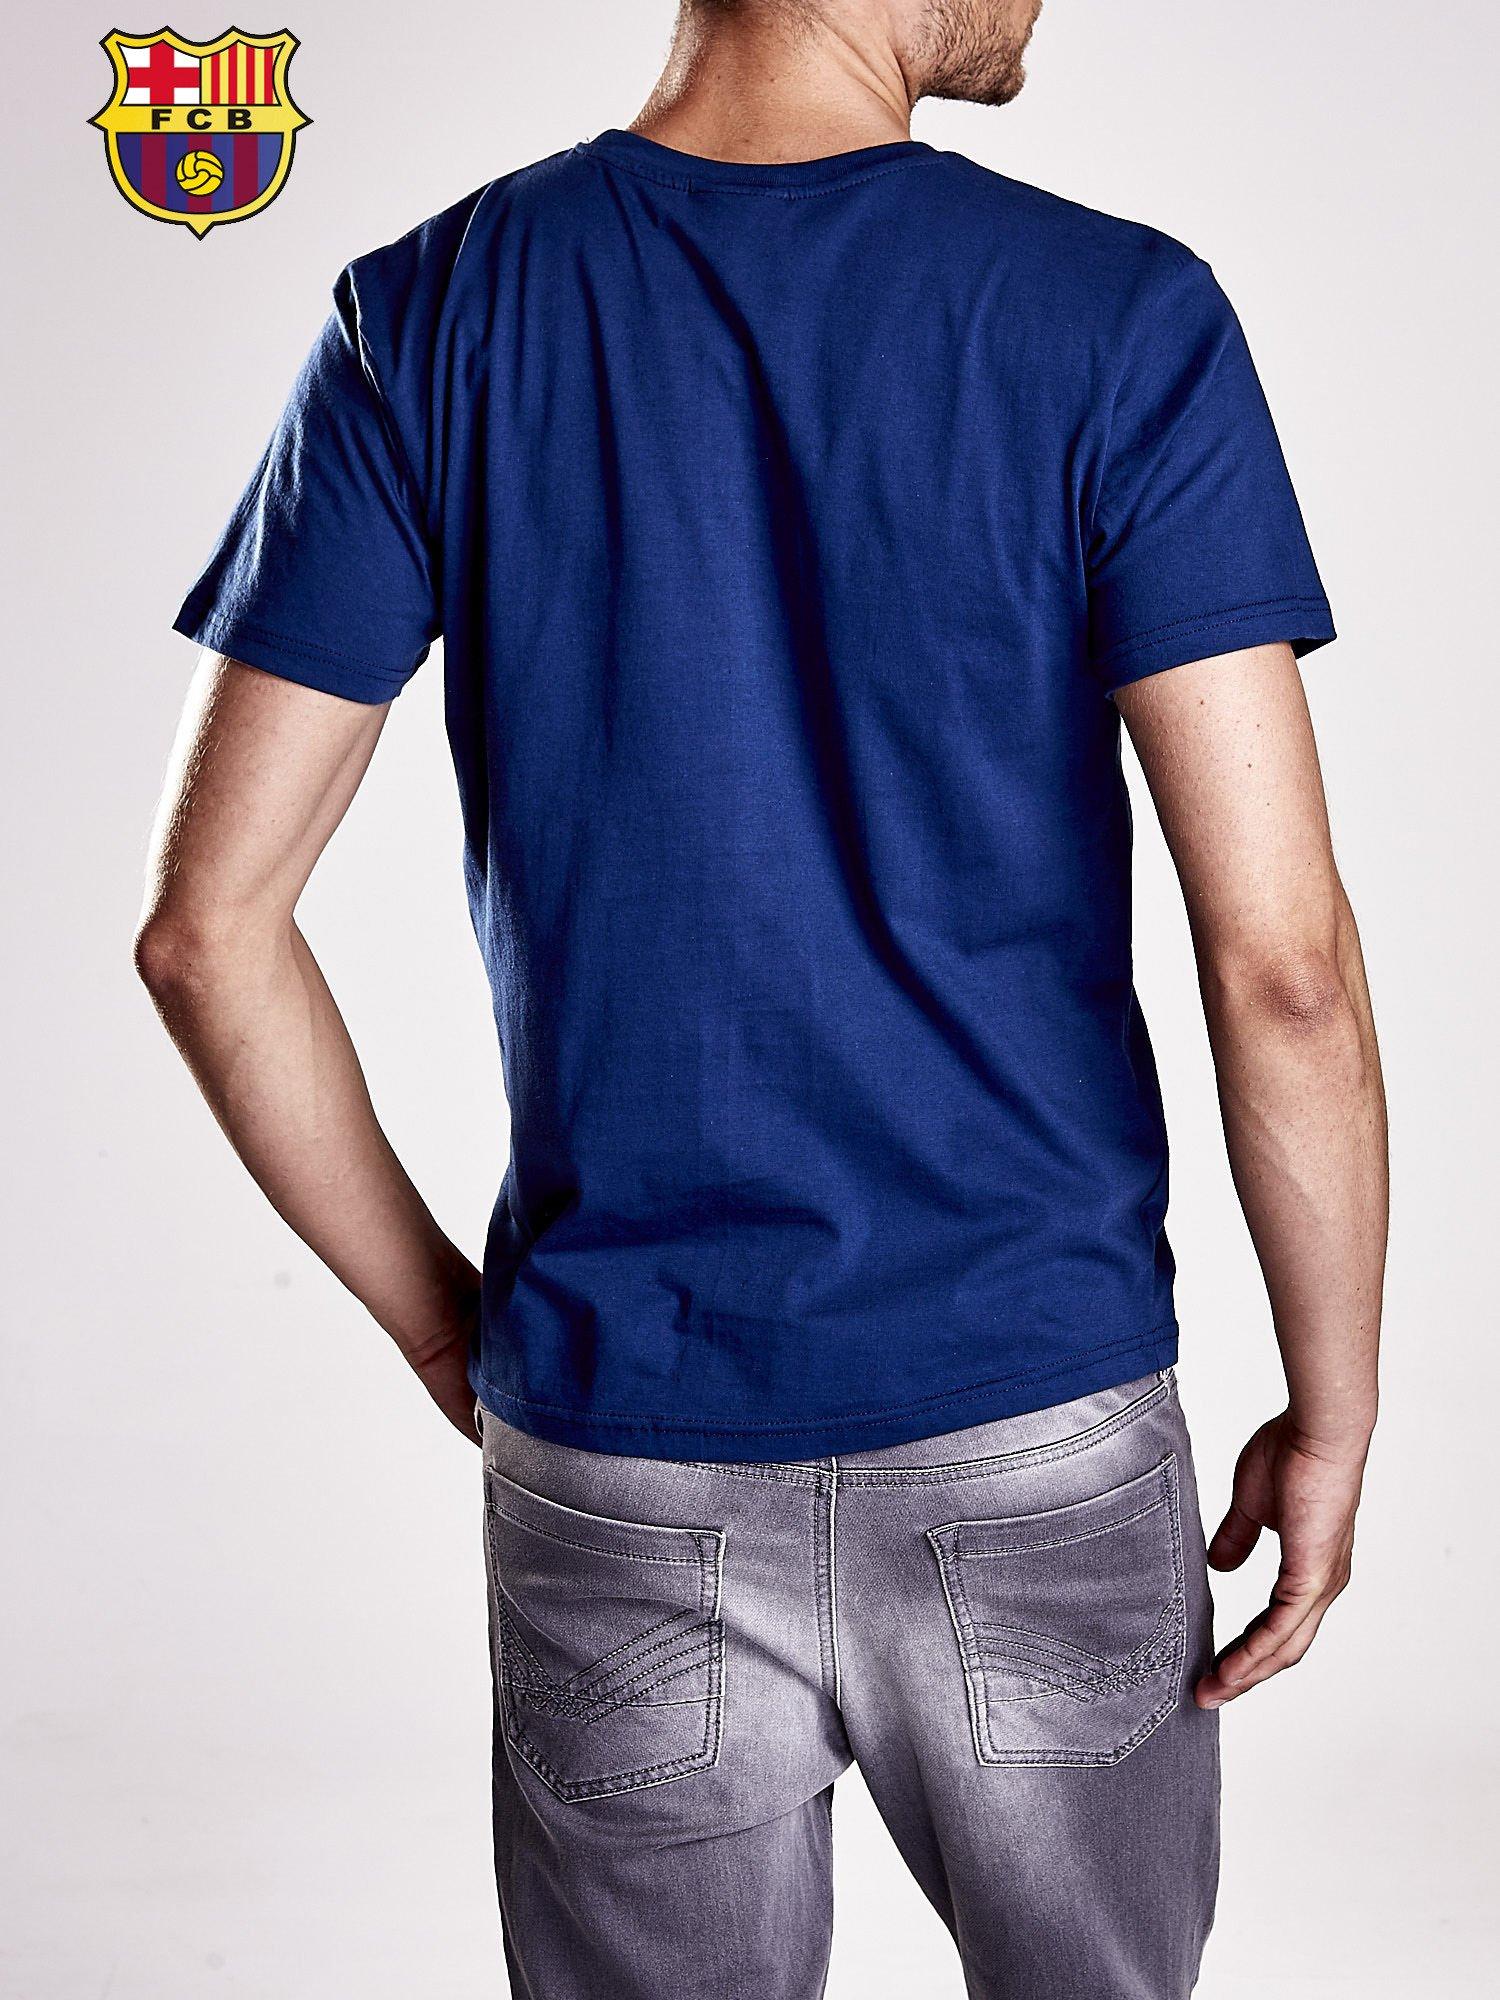 Granatowy t-shirt męski z nadrukiem FC BARCELONA                                  zdj.                                  2